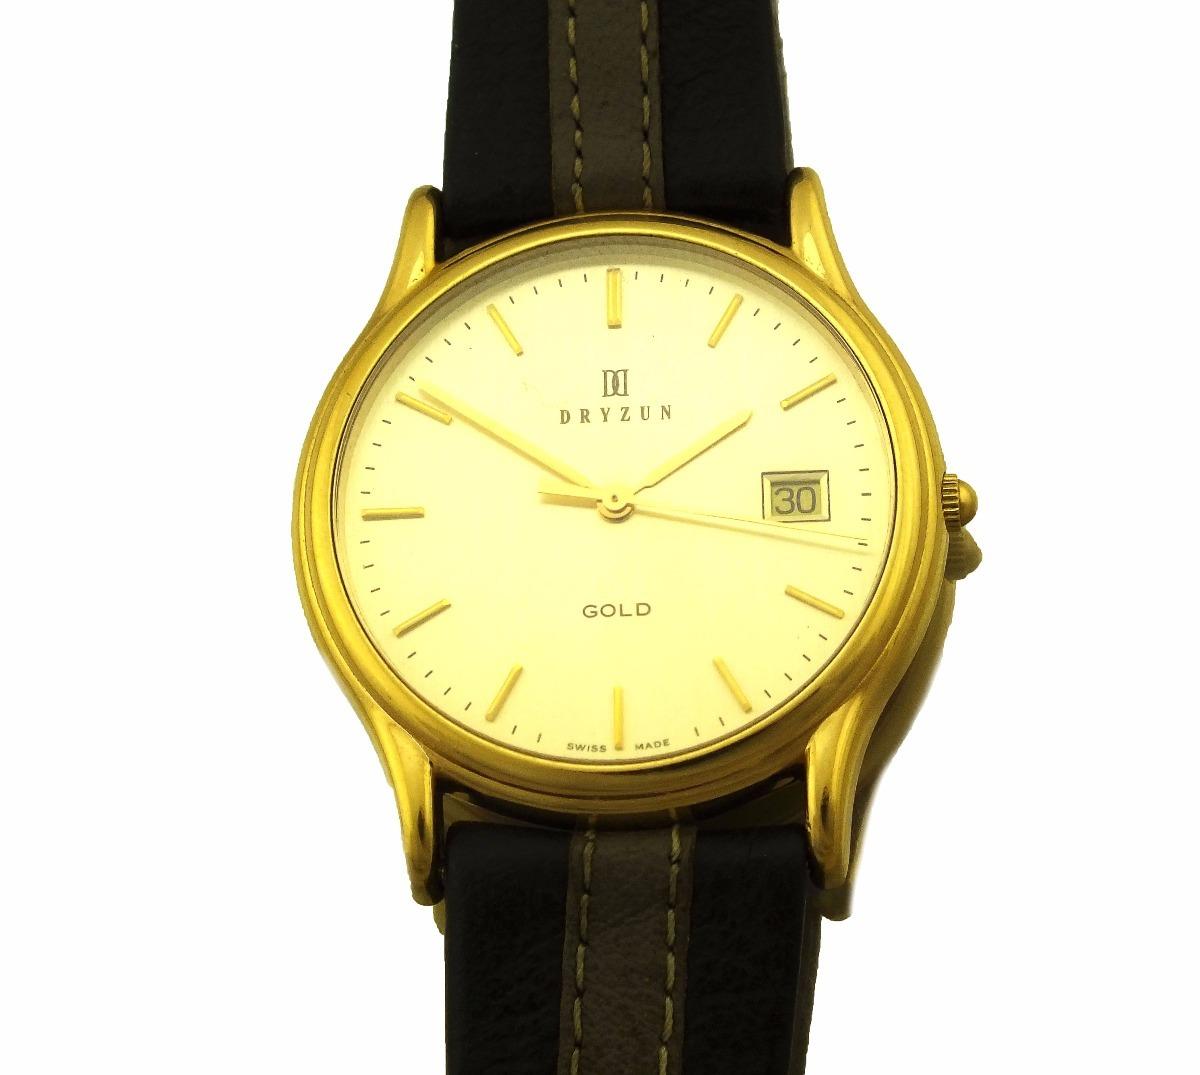 639e83335ac Relógio De Pulso Dryzun Masculino Em Ouro 18k J19999 - R  2.999